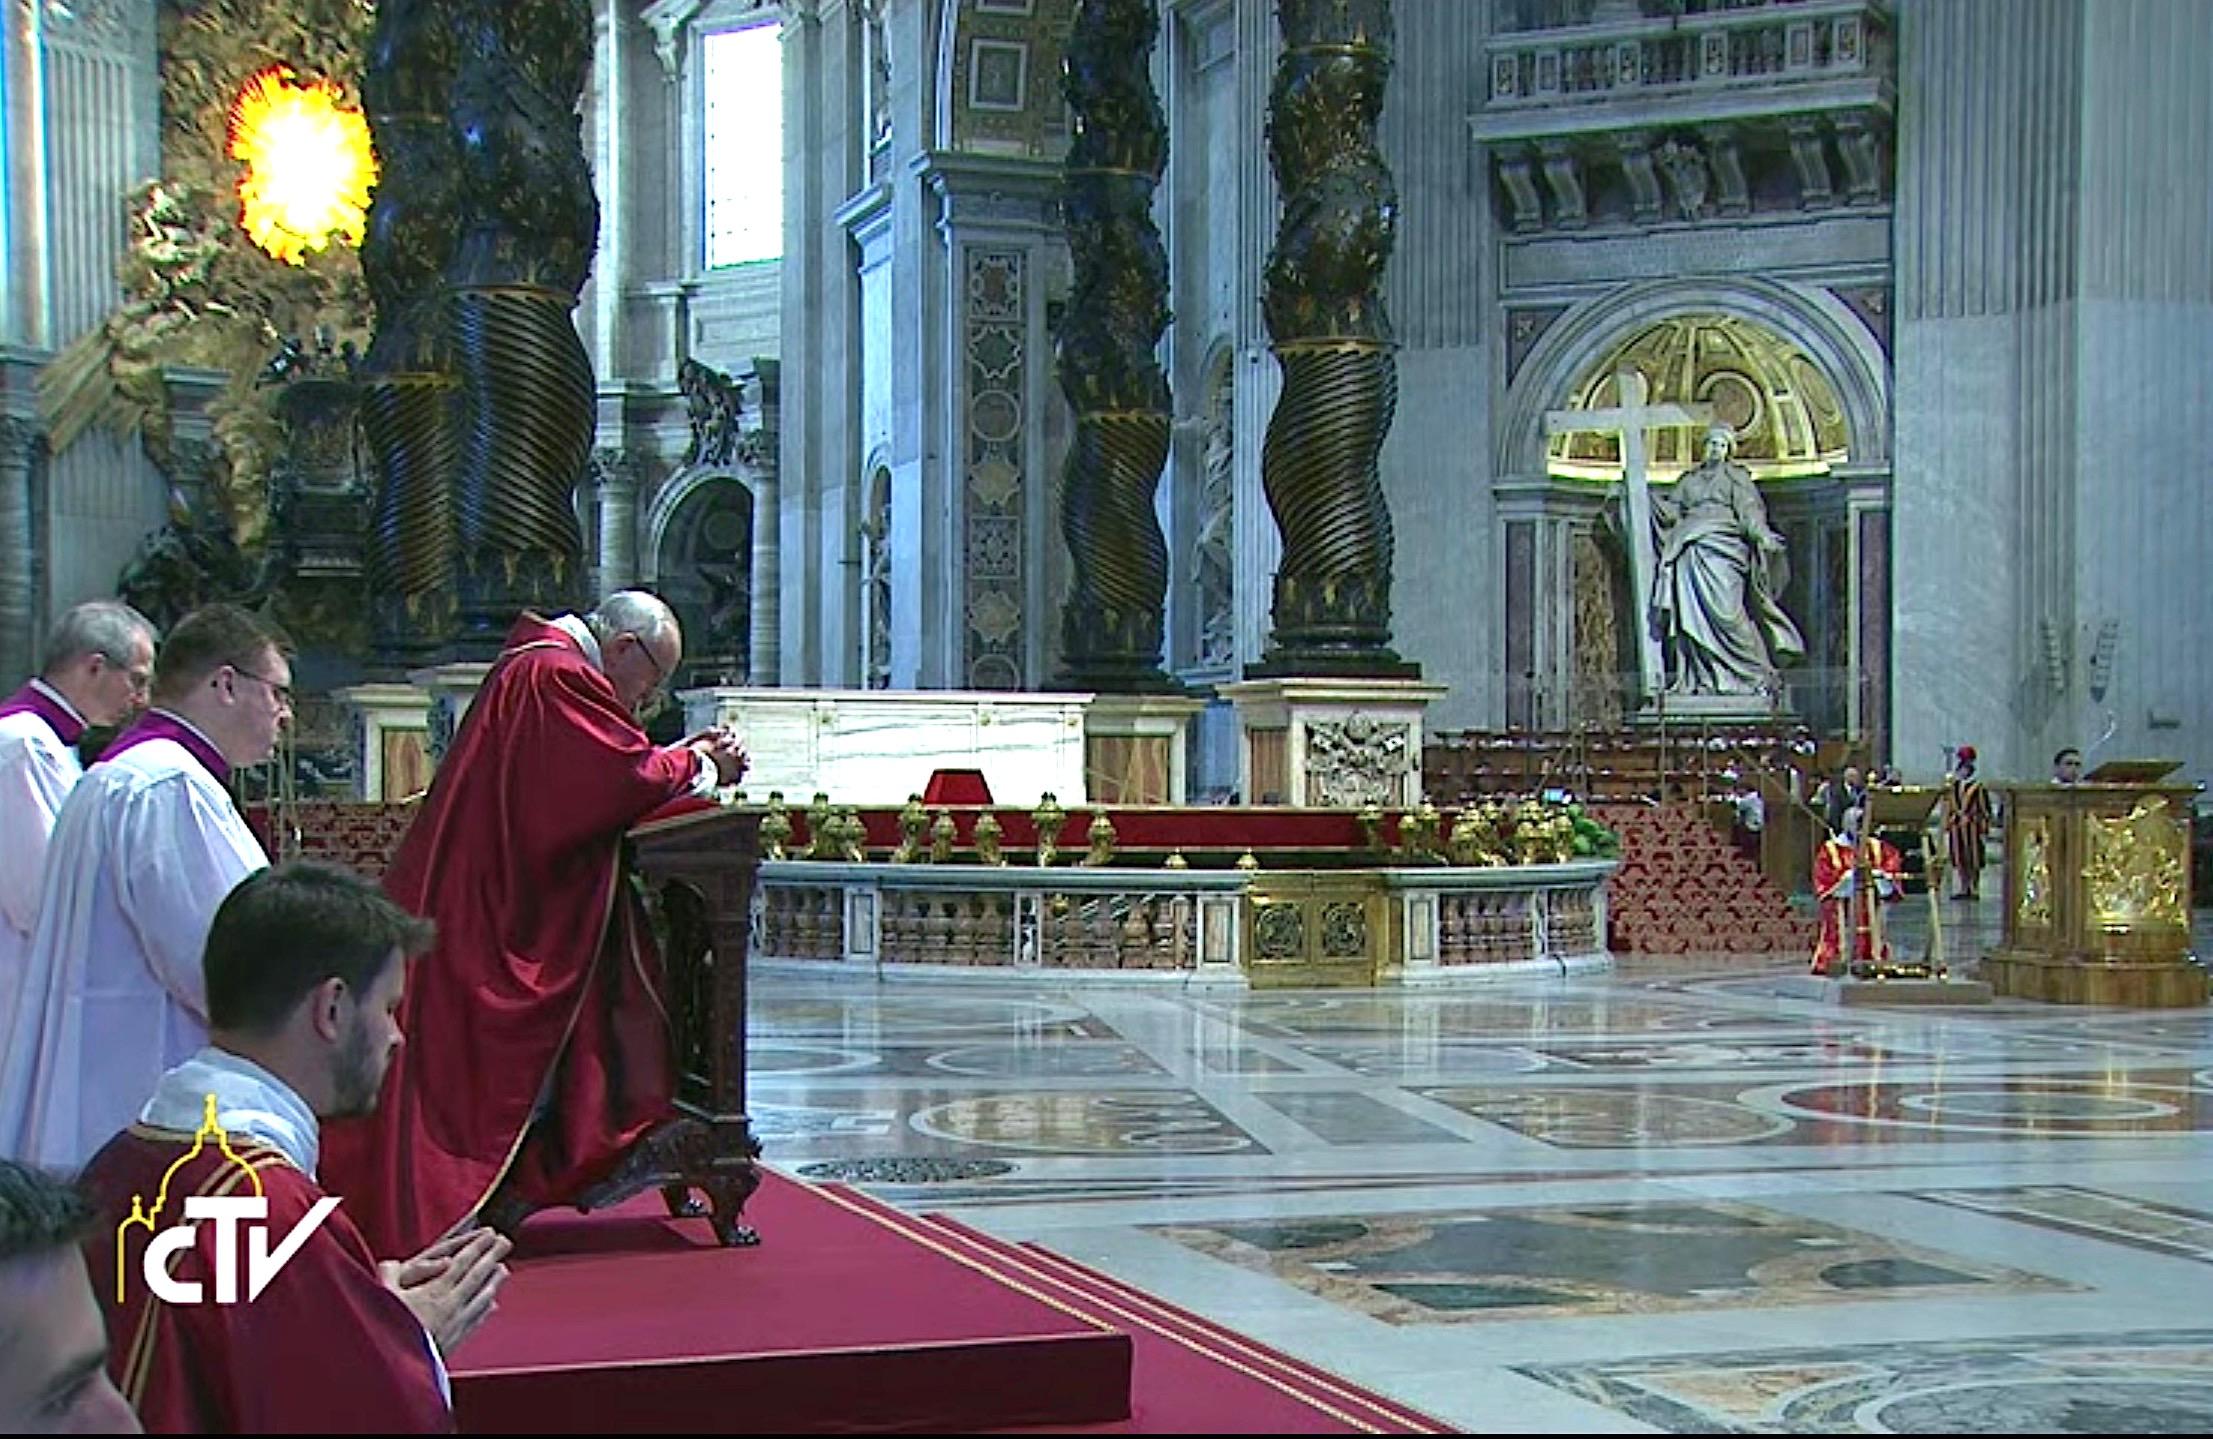 El Papa rezando en la basílica de San Pedro. Archivo Zenit